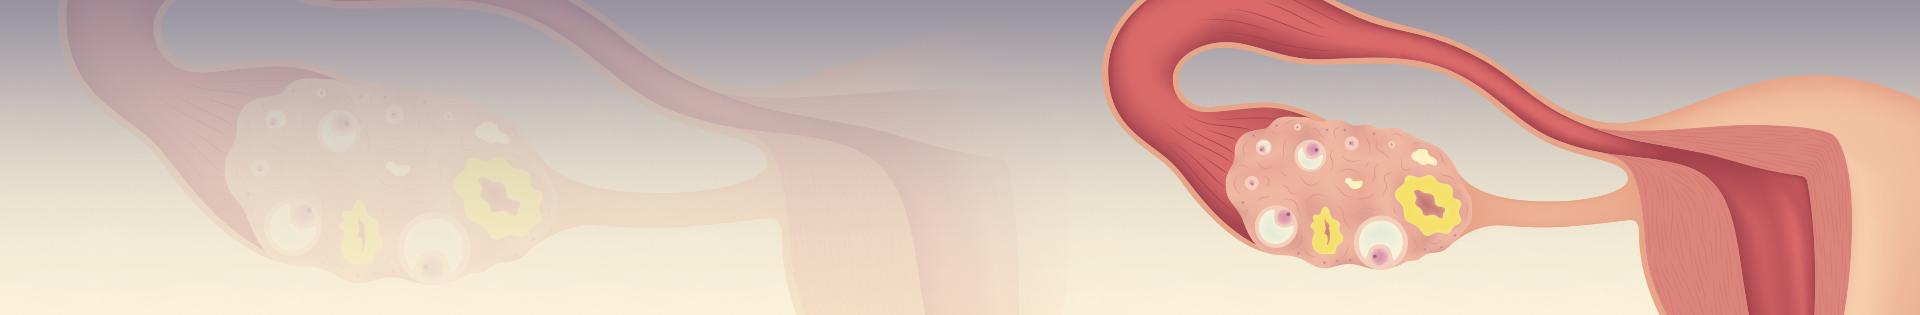 Reserva ovariana: veja como é feita a avaliação